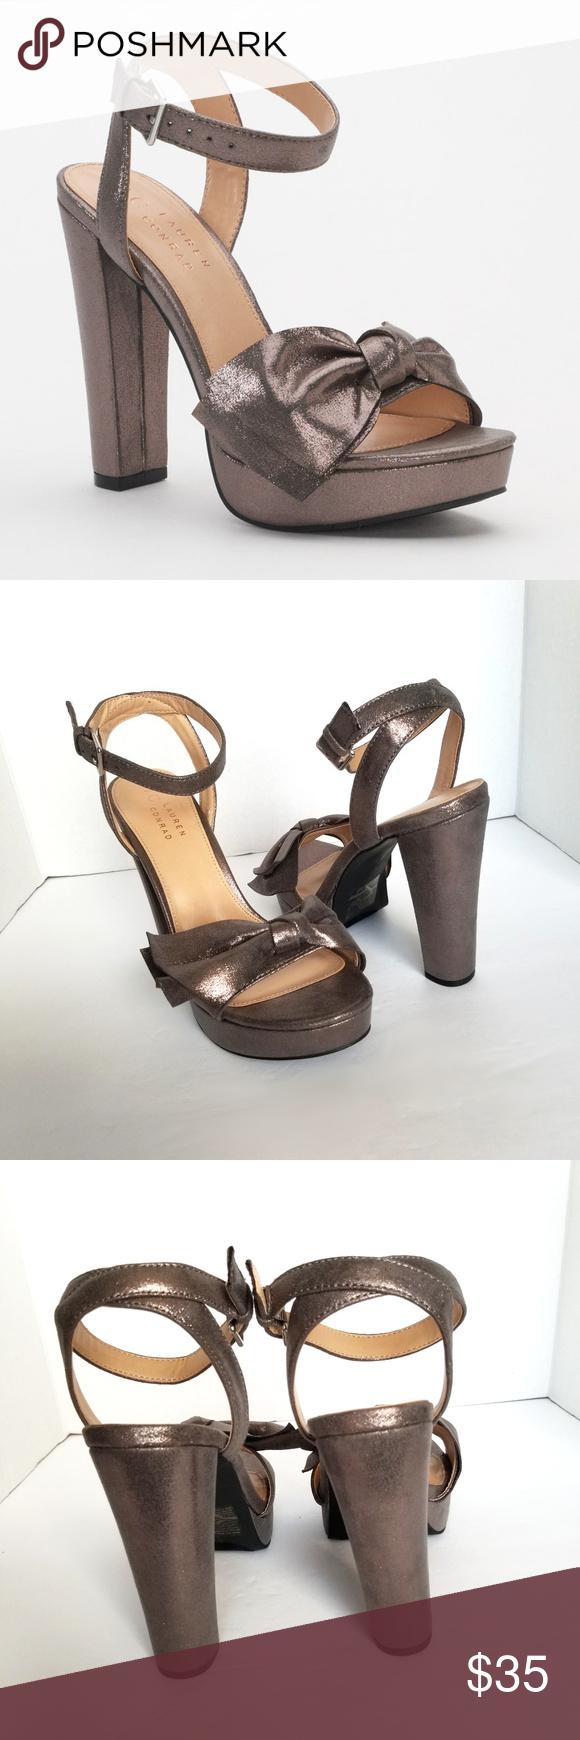 NEW! Lauren Conrad Womens Admirer High Heel Sandals Blush